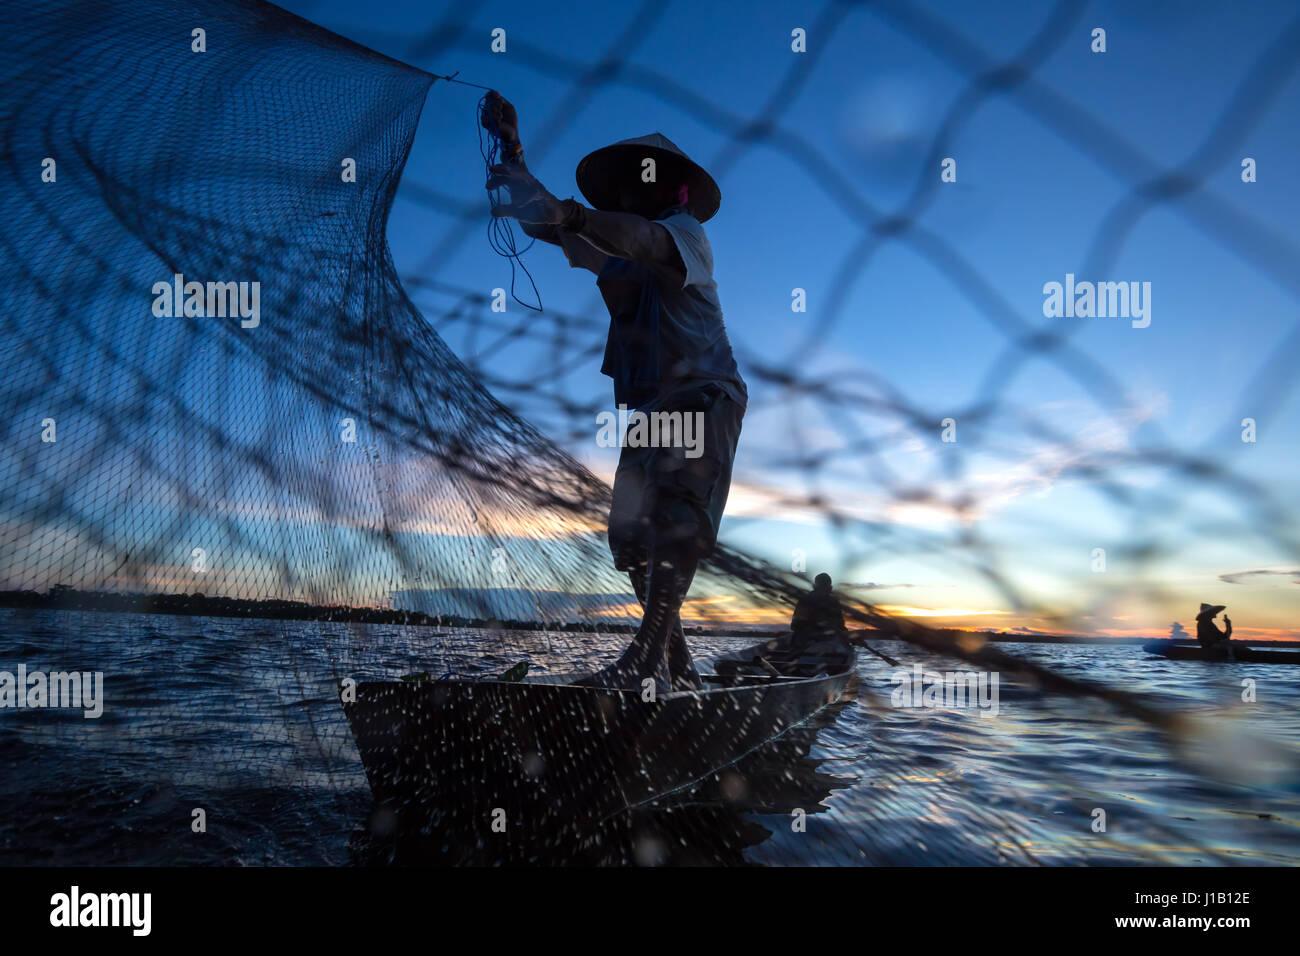 Pescador tailandés en barco de madera echar una red para atrapar peces de agua dulce en la naturaleza río Imagen De Stock